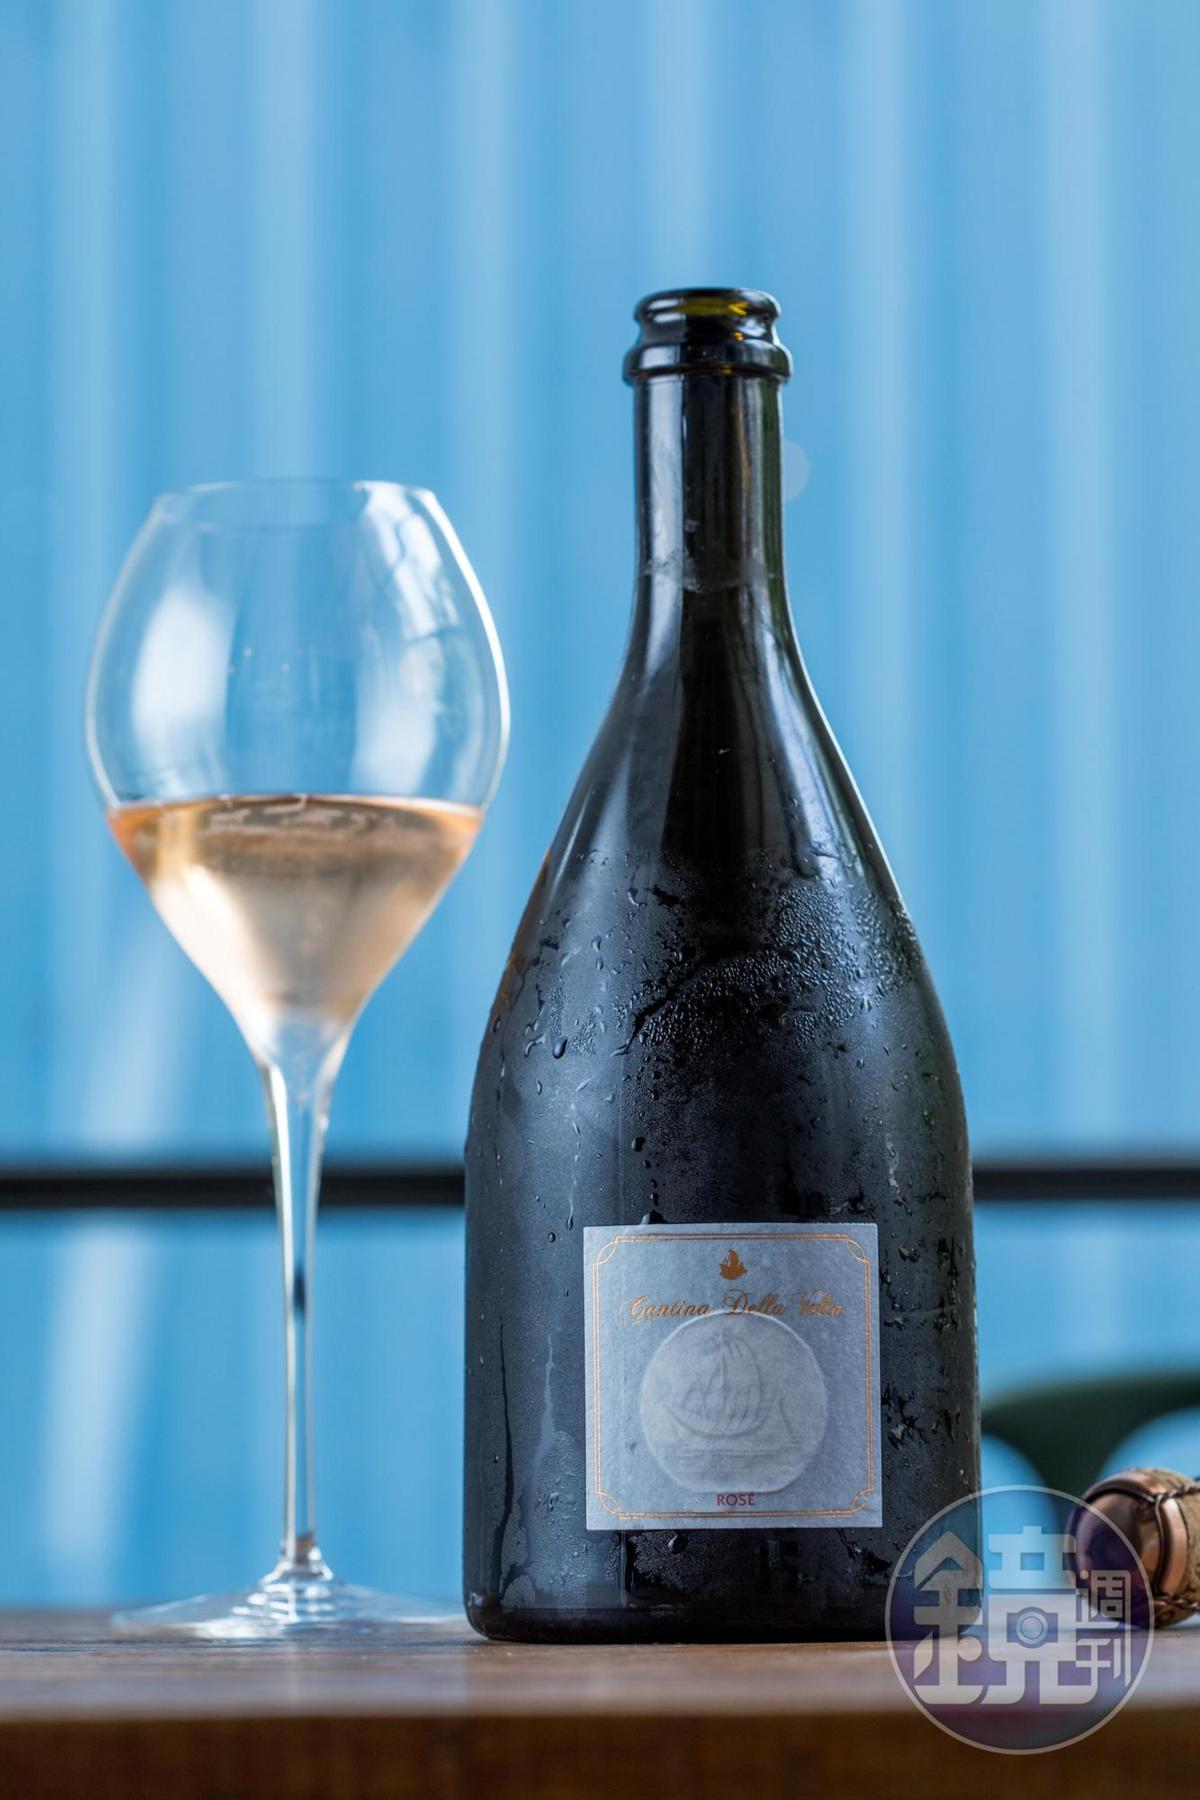 Boris 用義大利氣泡酒為餐宴帶來活潑快樂的開場。(價格請洽店家)